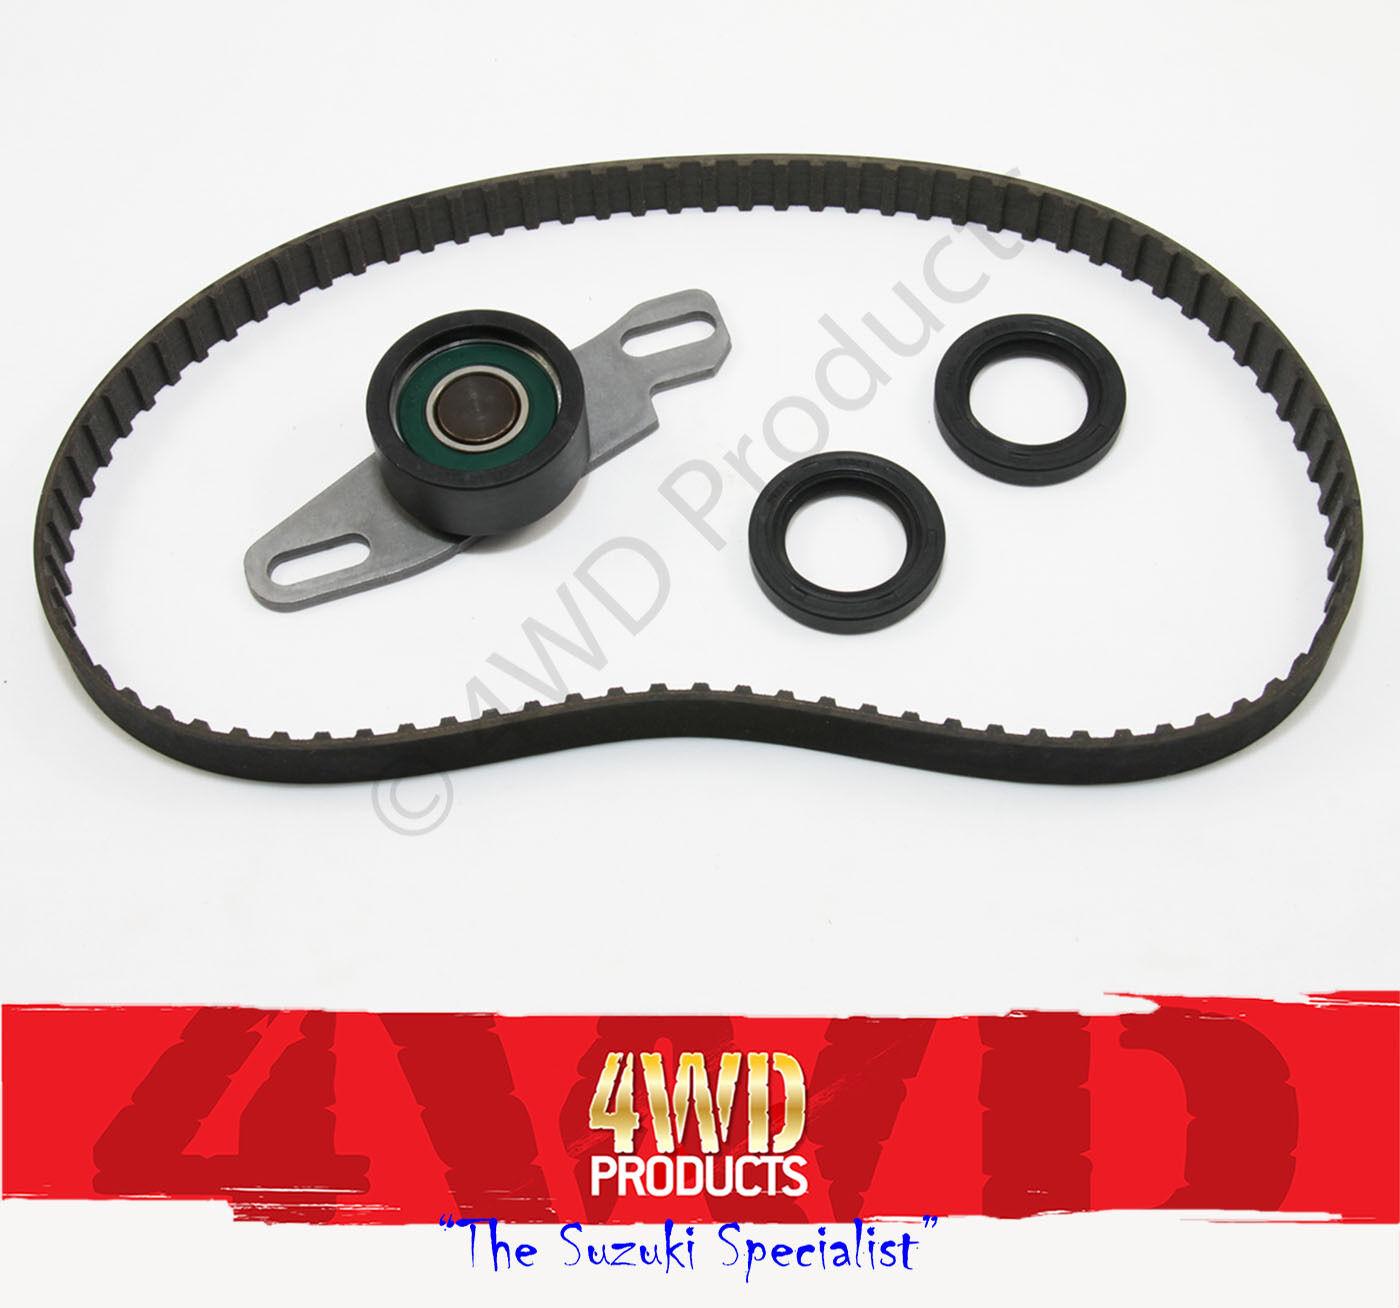 Timing Belt Kit Suzuki Lj80 81 F8a 78 Sierra Sj410 F10a Item Description